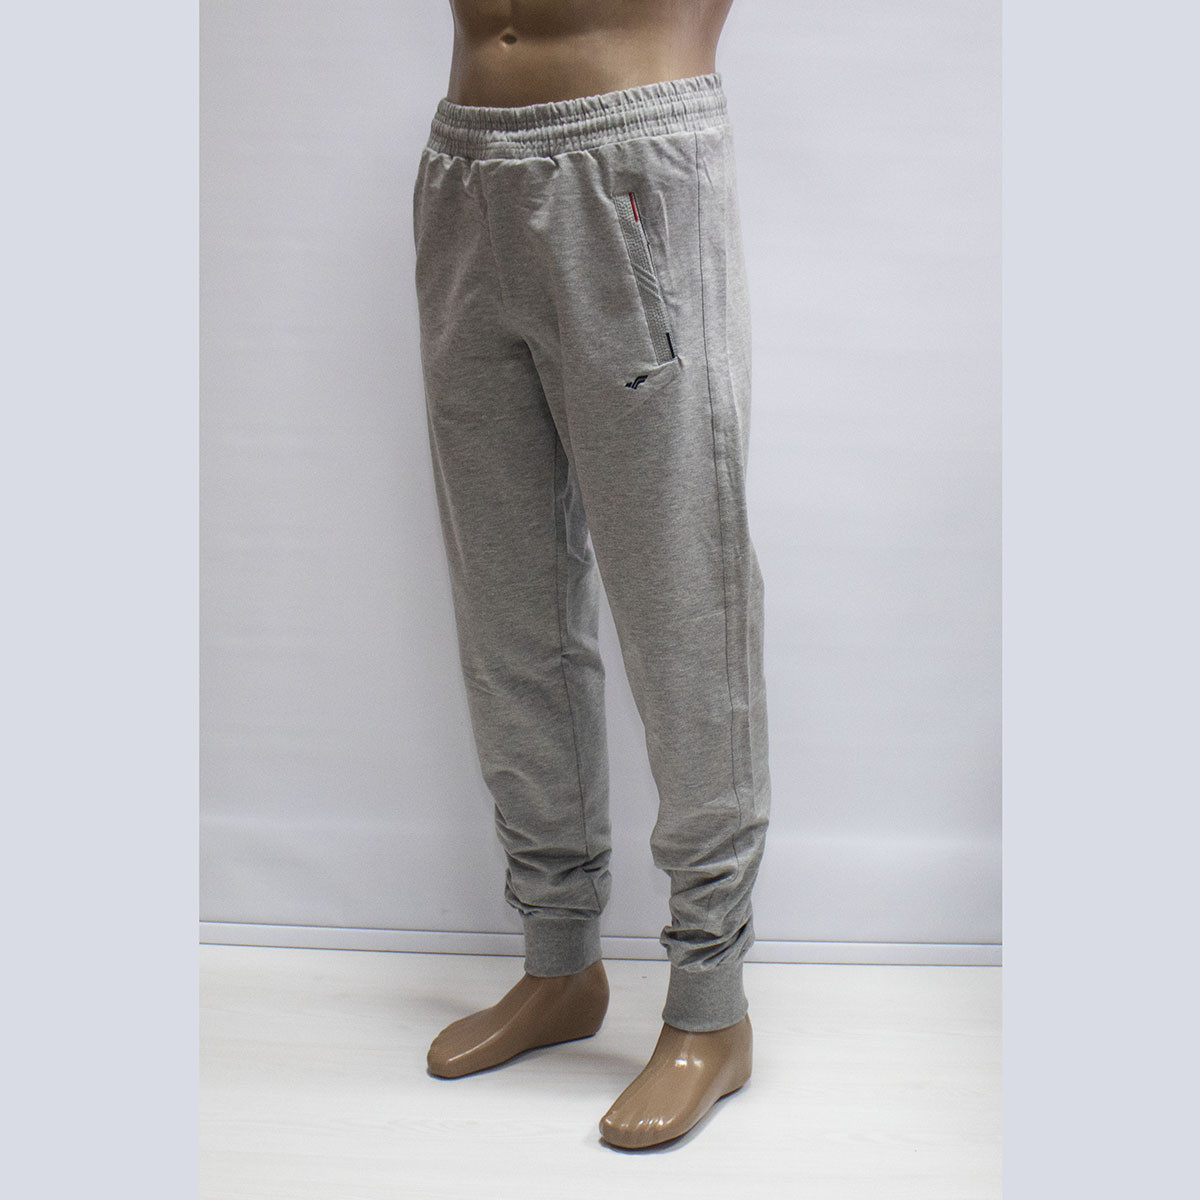 Мужские турецкие светло-серые спортивные штаны под манжет тм. FORE 9419N